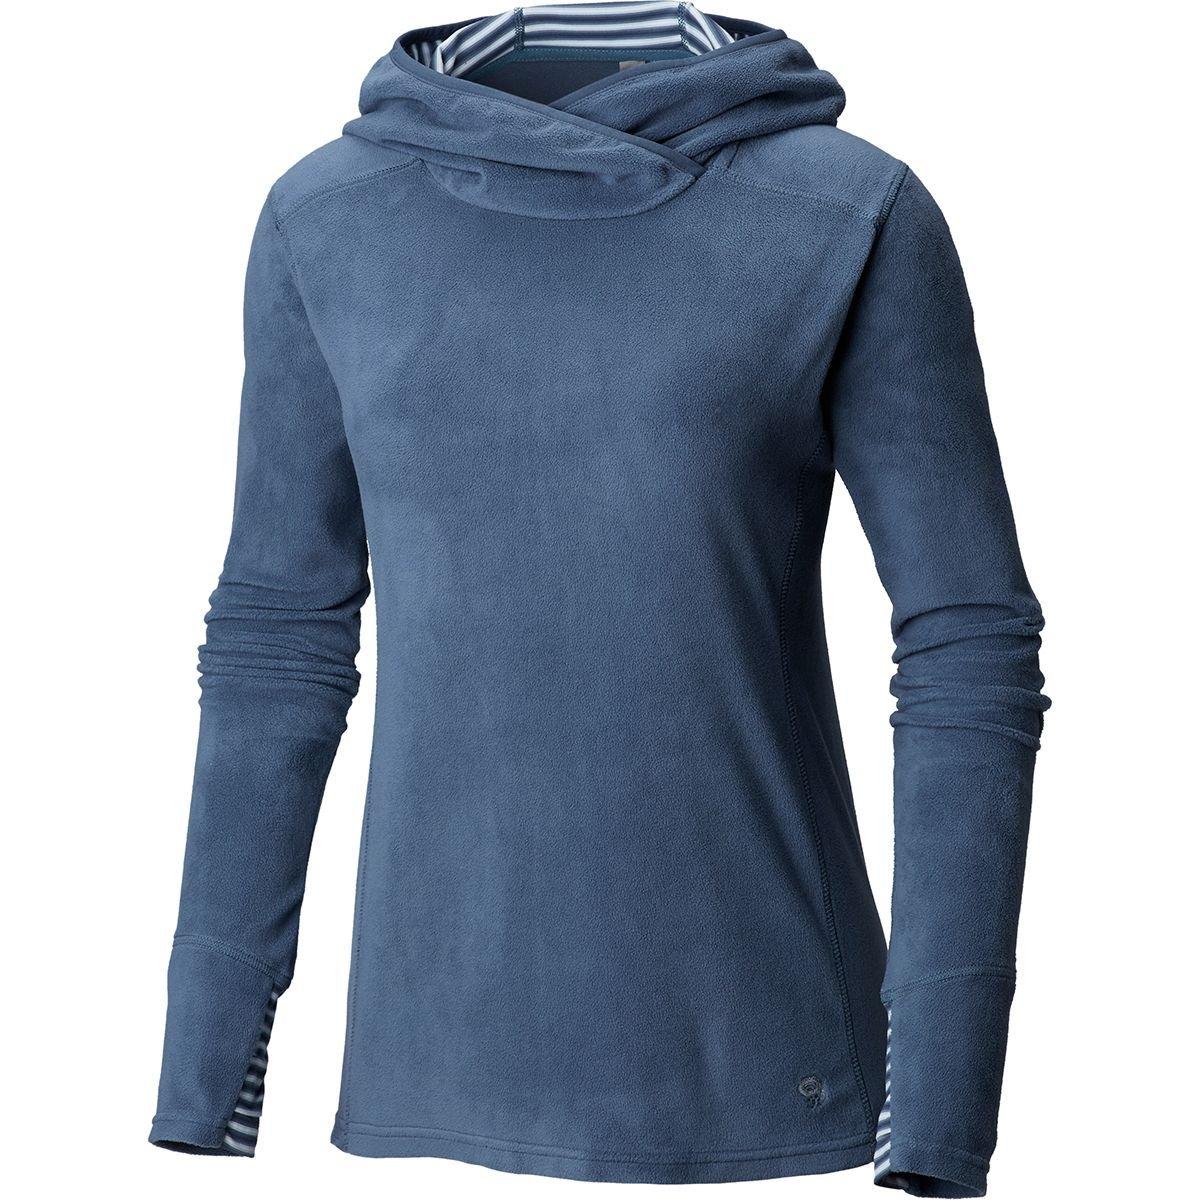 Mountain Hardwear Microchill Lite Hooded Fleece Pullover - Women's Zinc, M